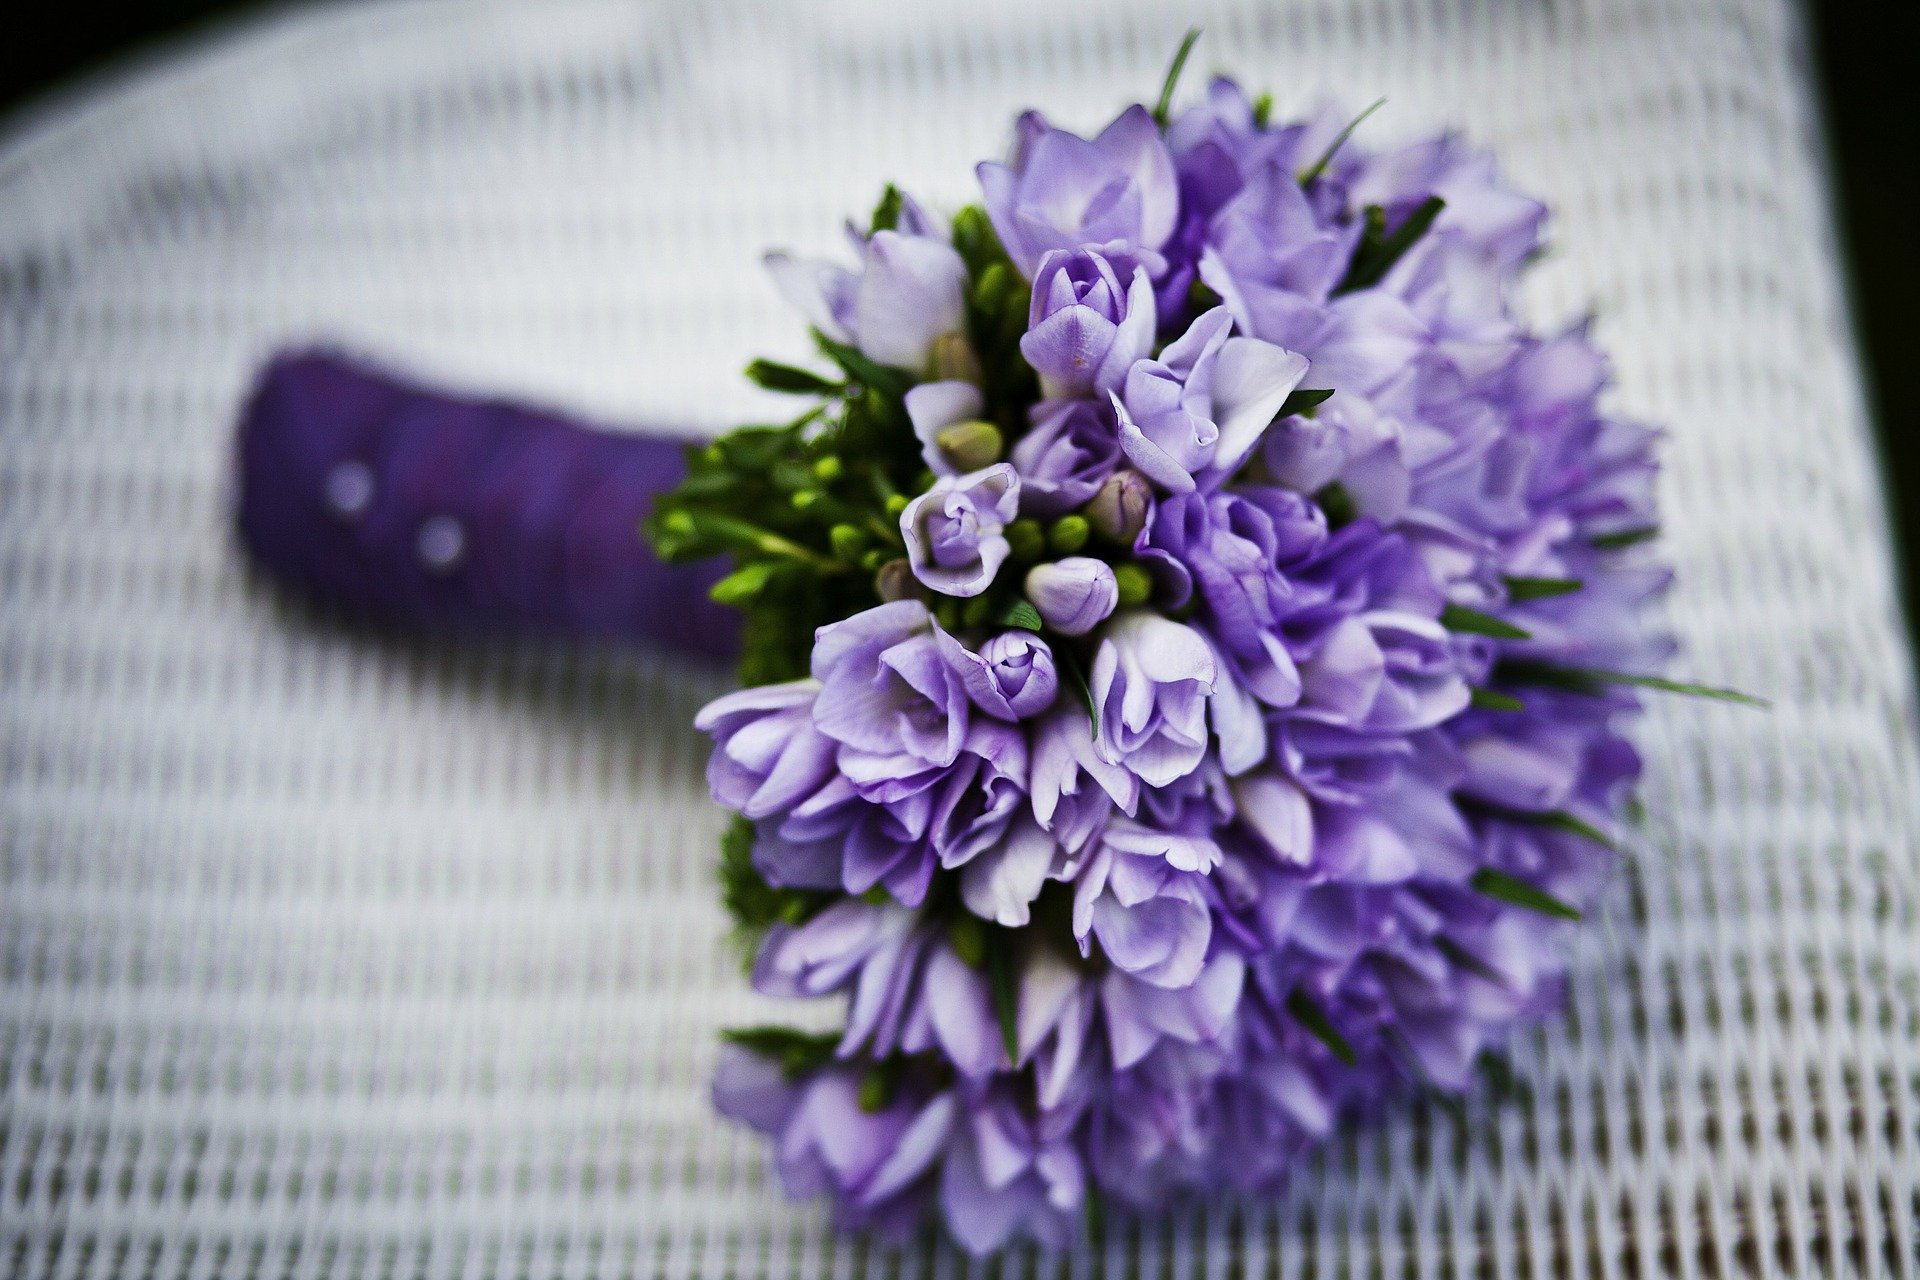 Online Flower Service